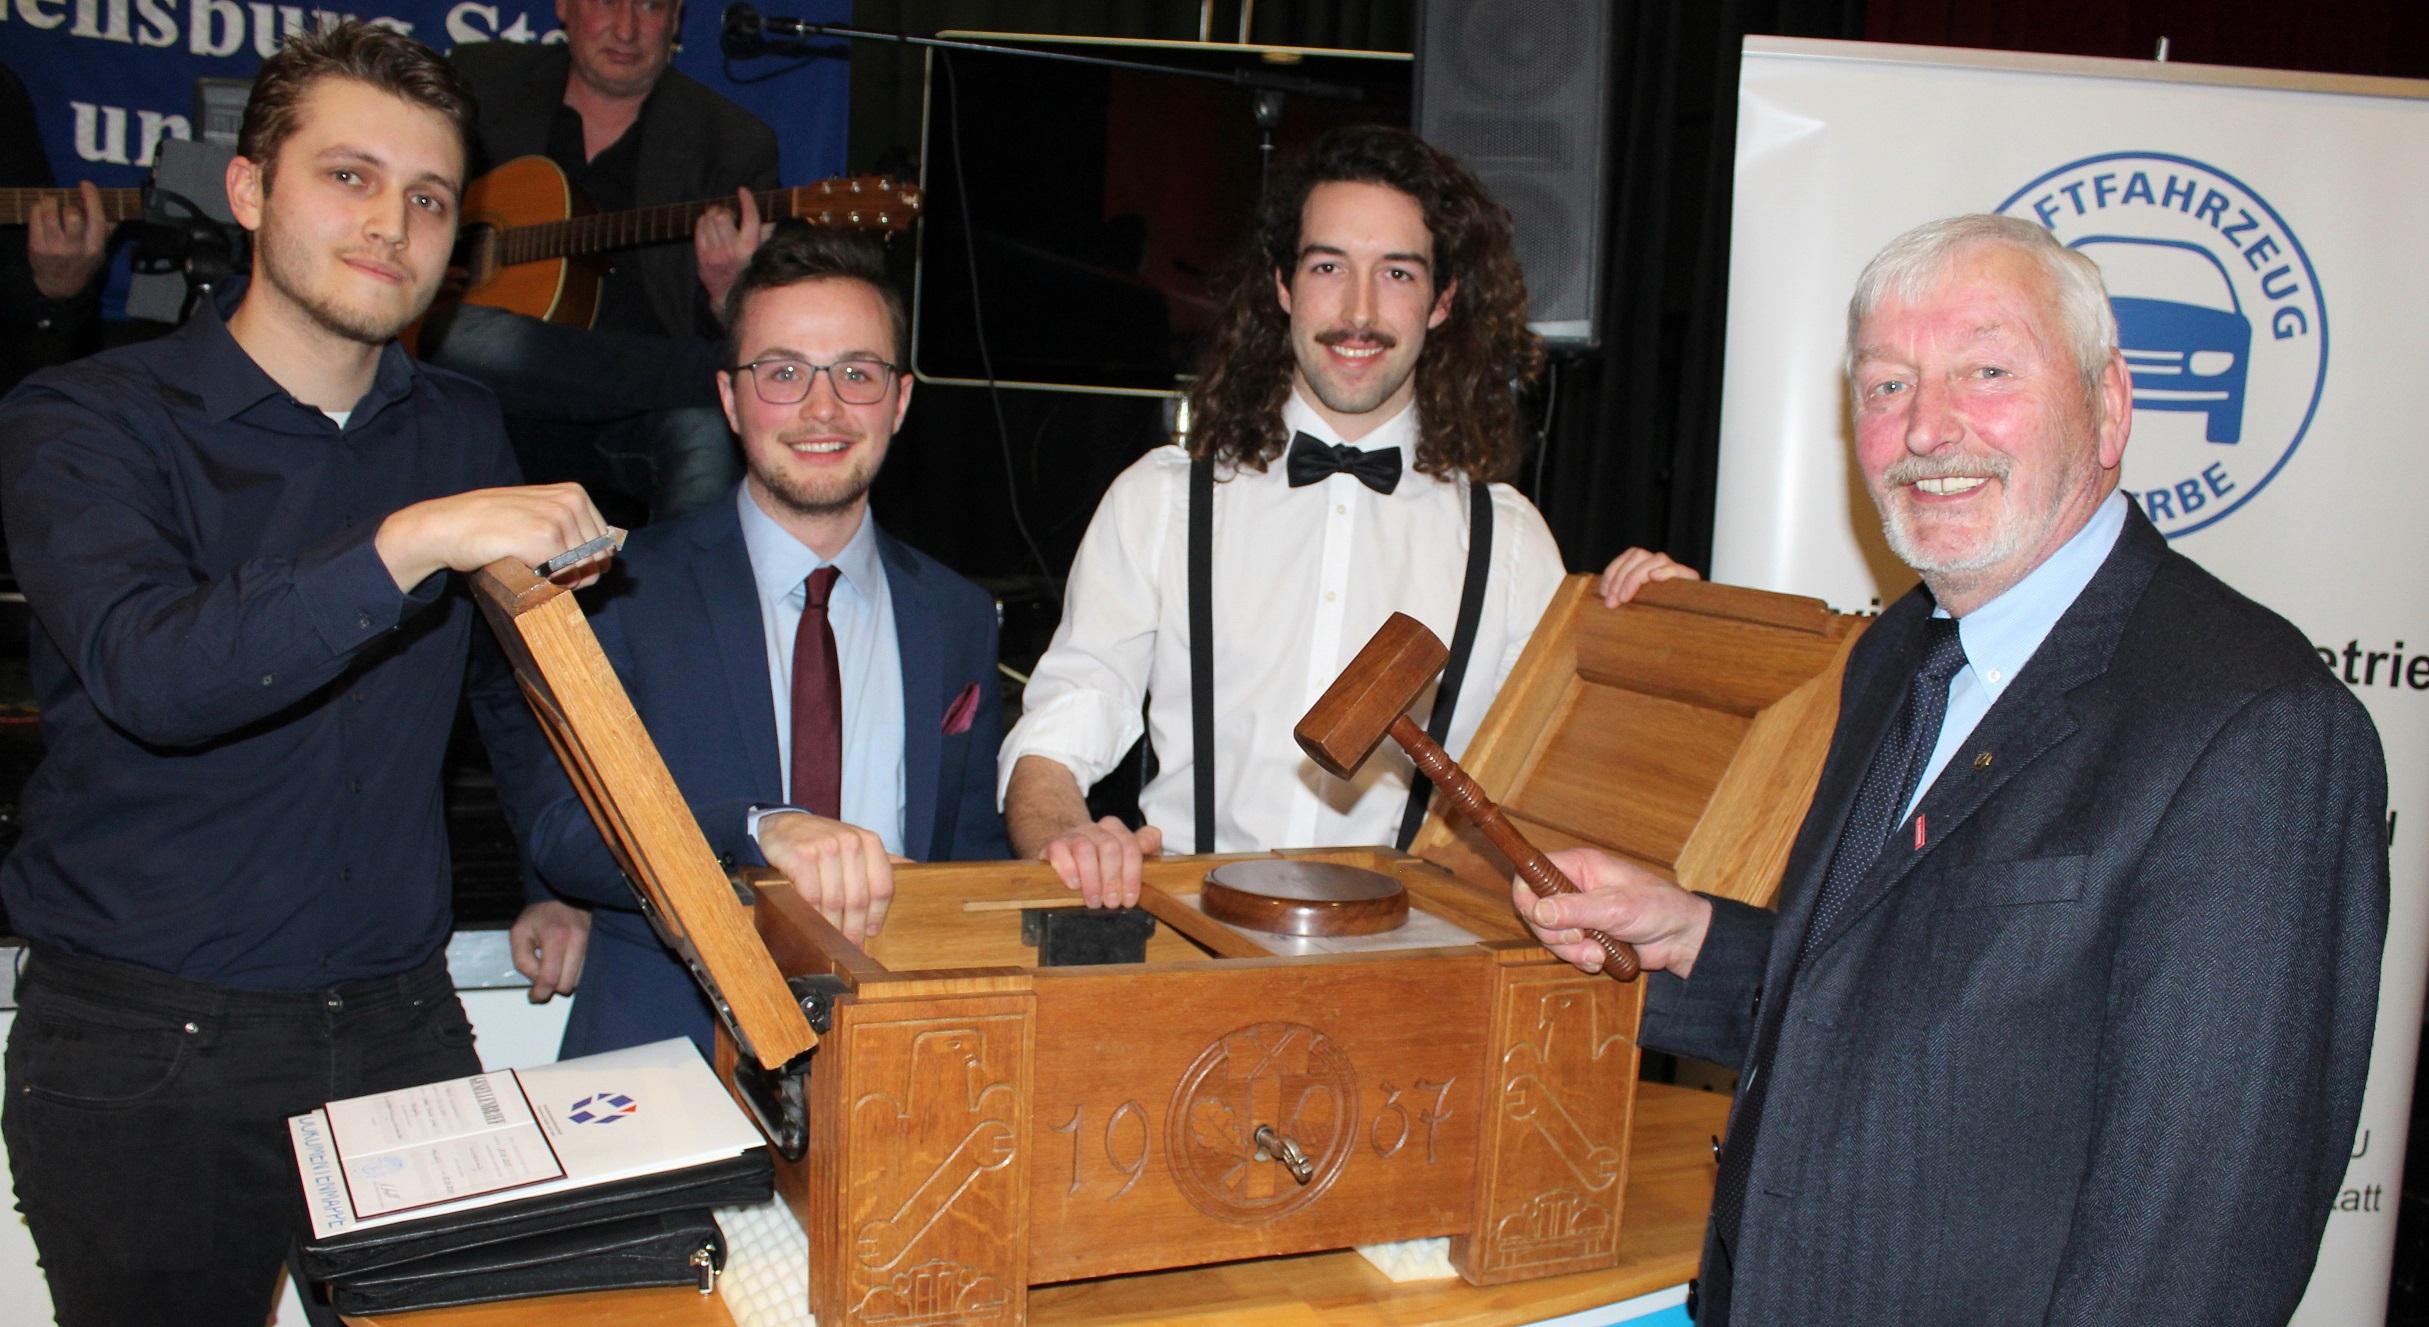 Kreishandwerkerschaft Flensburg kfz Freisprechungsfeier 2019